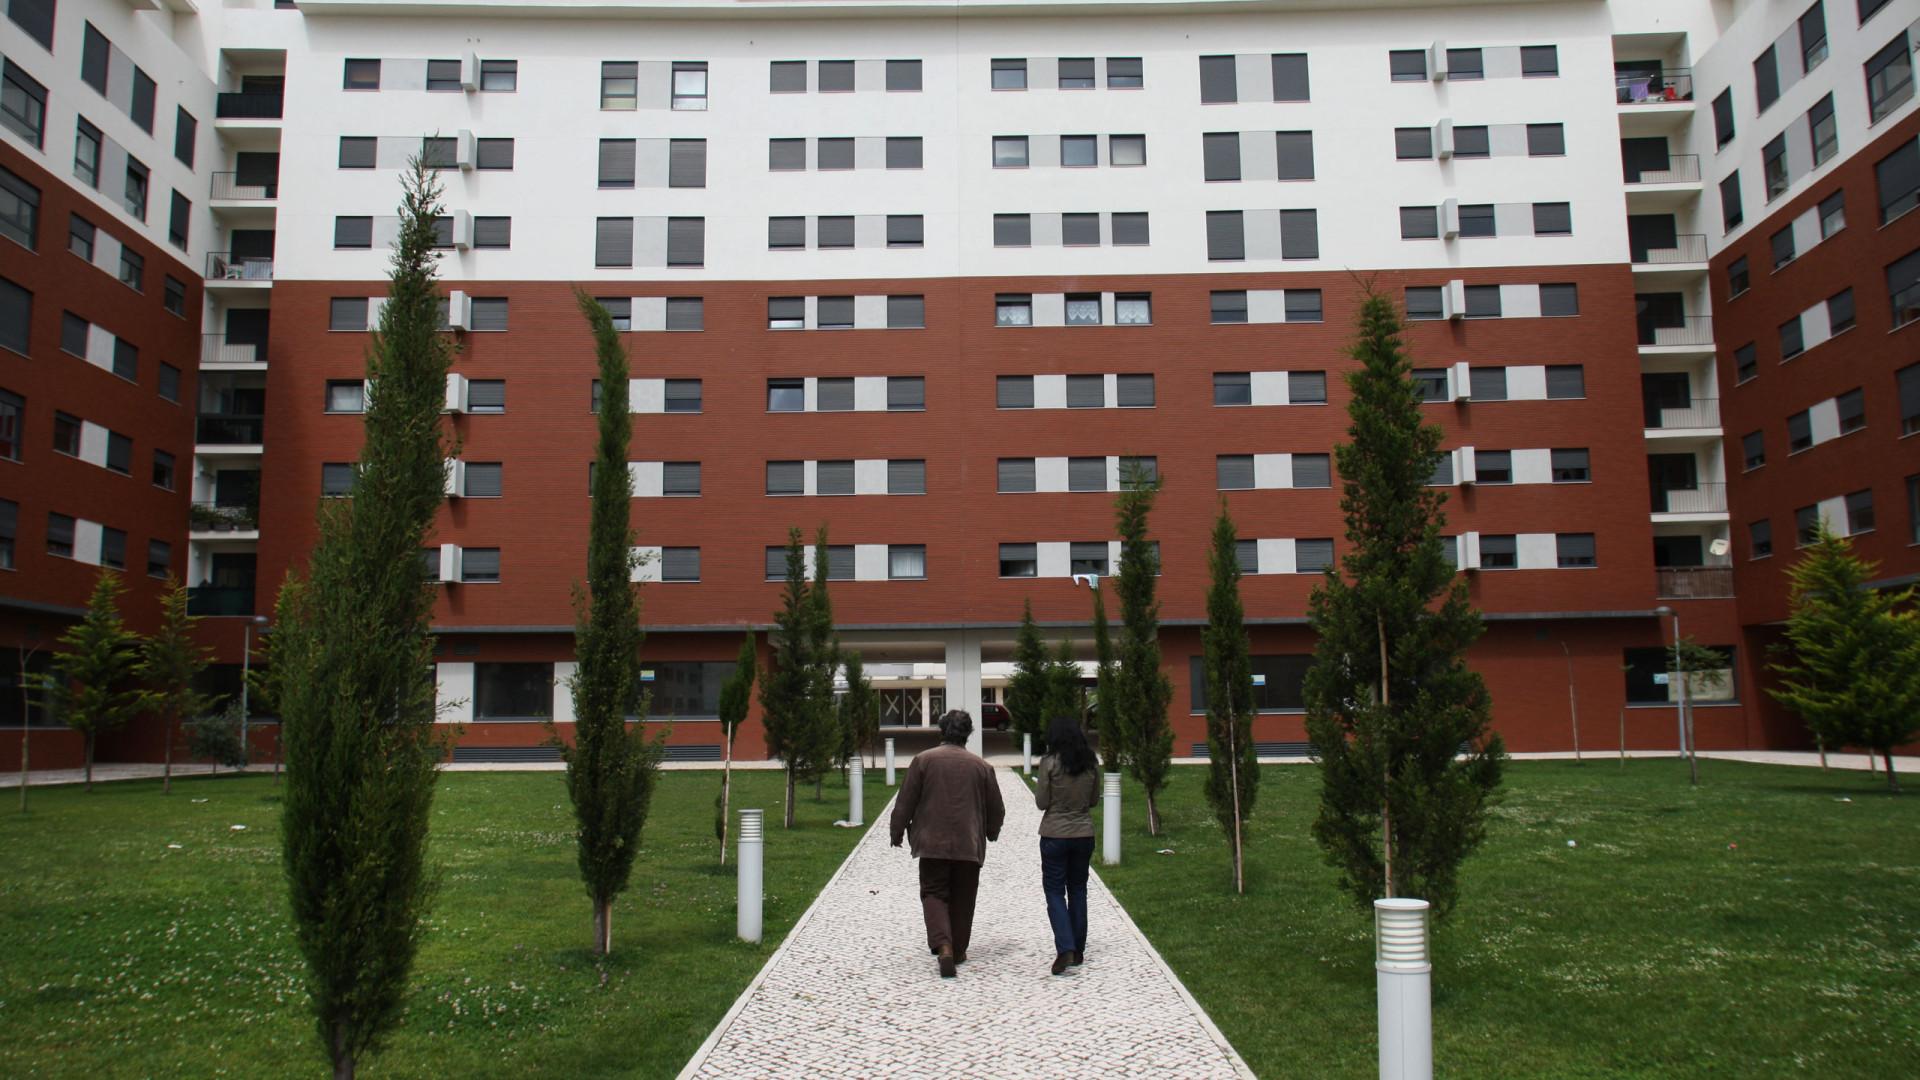 Preços da habitação aumentam 12,2% no 1.º trimestre